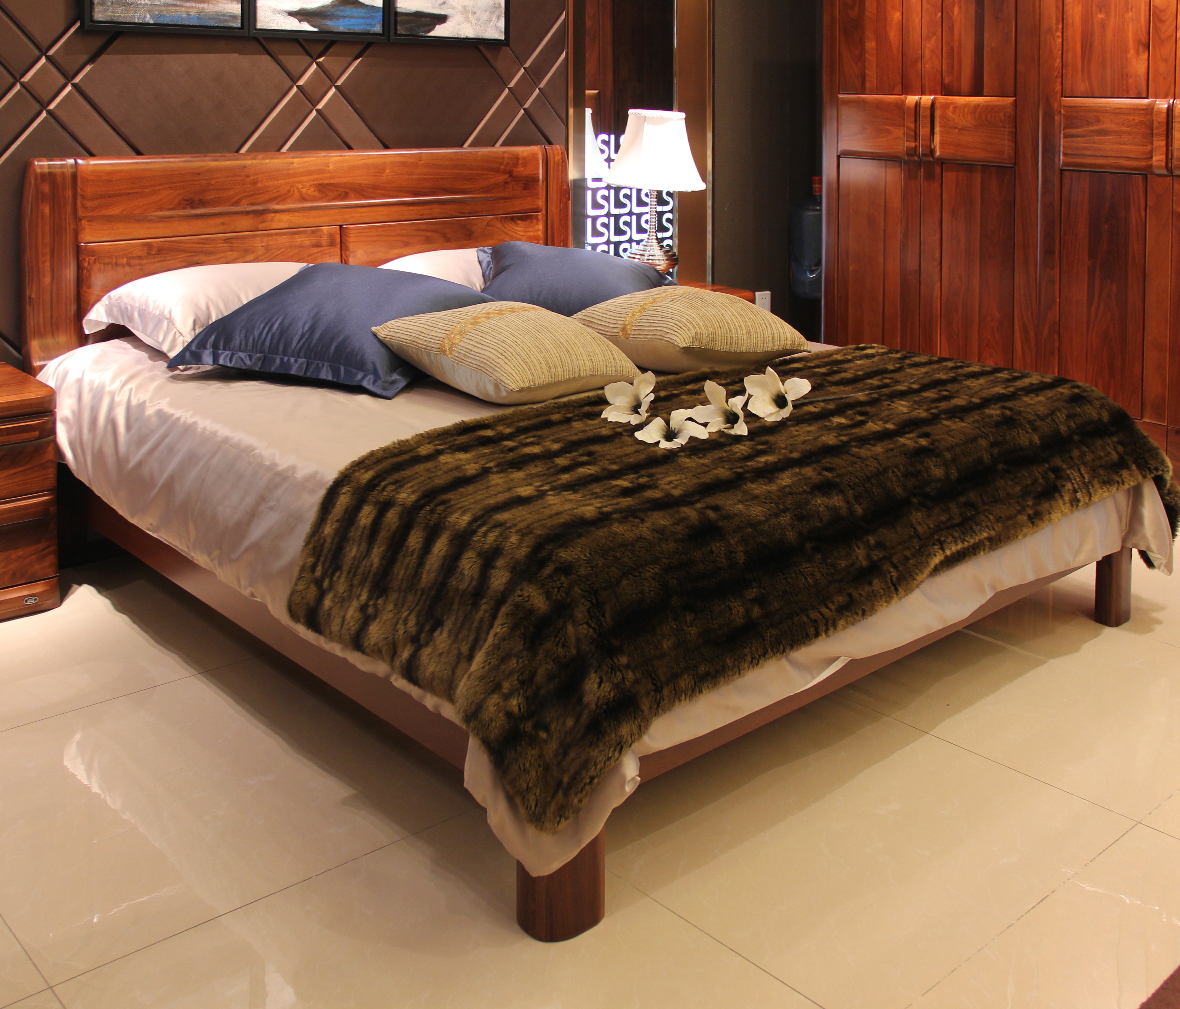 眼缘:0  迦南橄榄树 8805-qb型号 小床 实木板材 榫卯结构 欧式风格图片